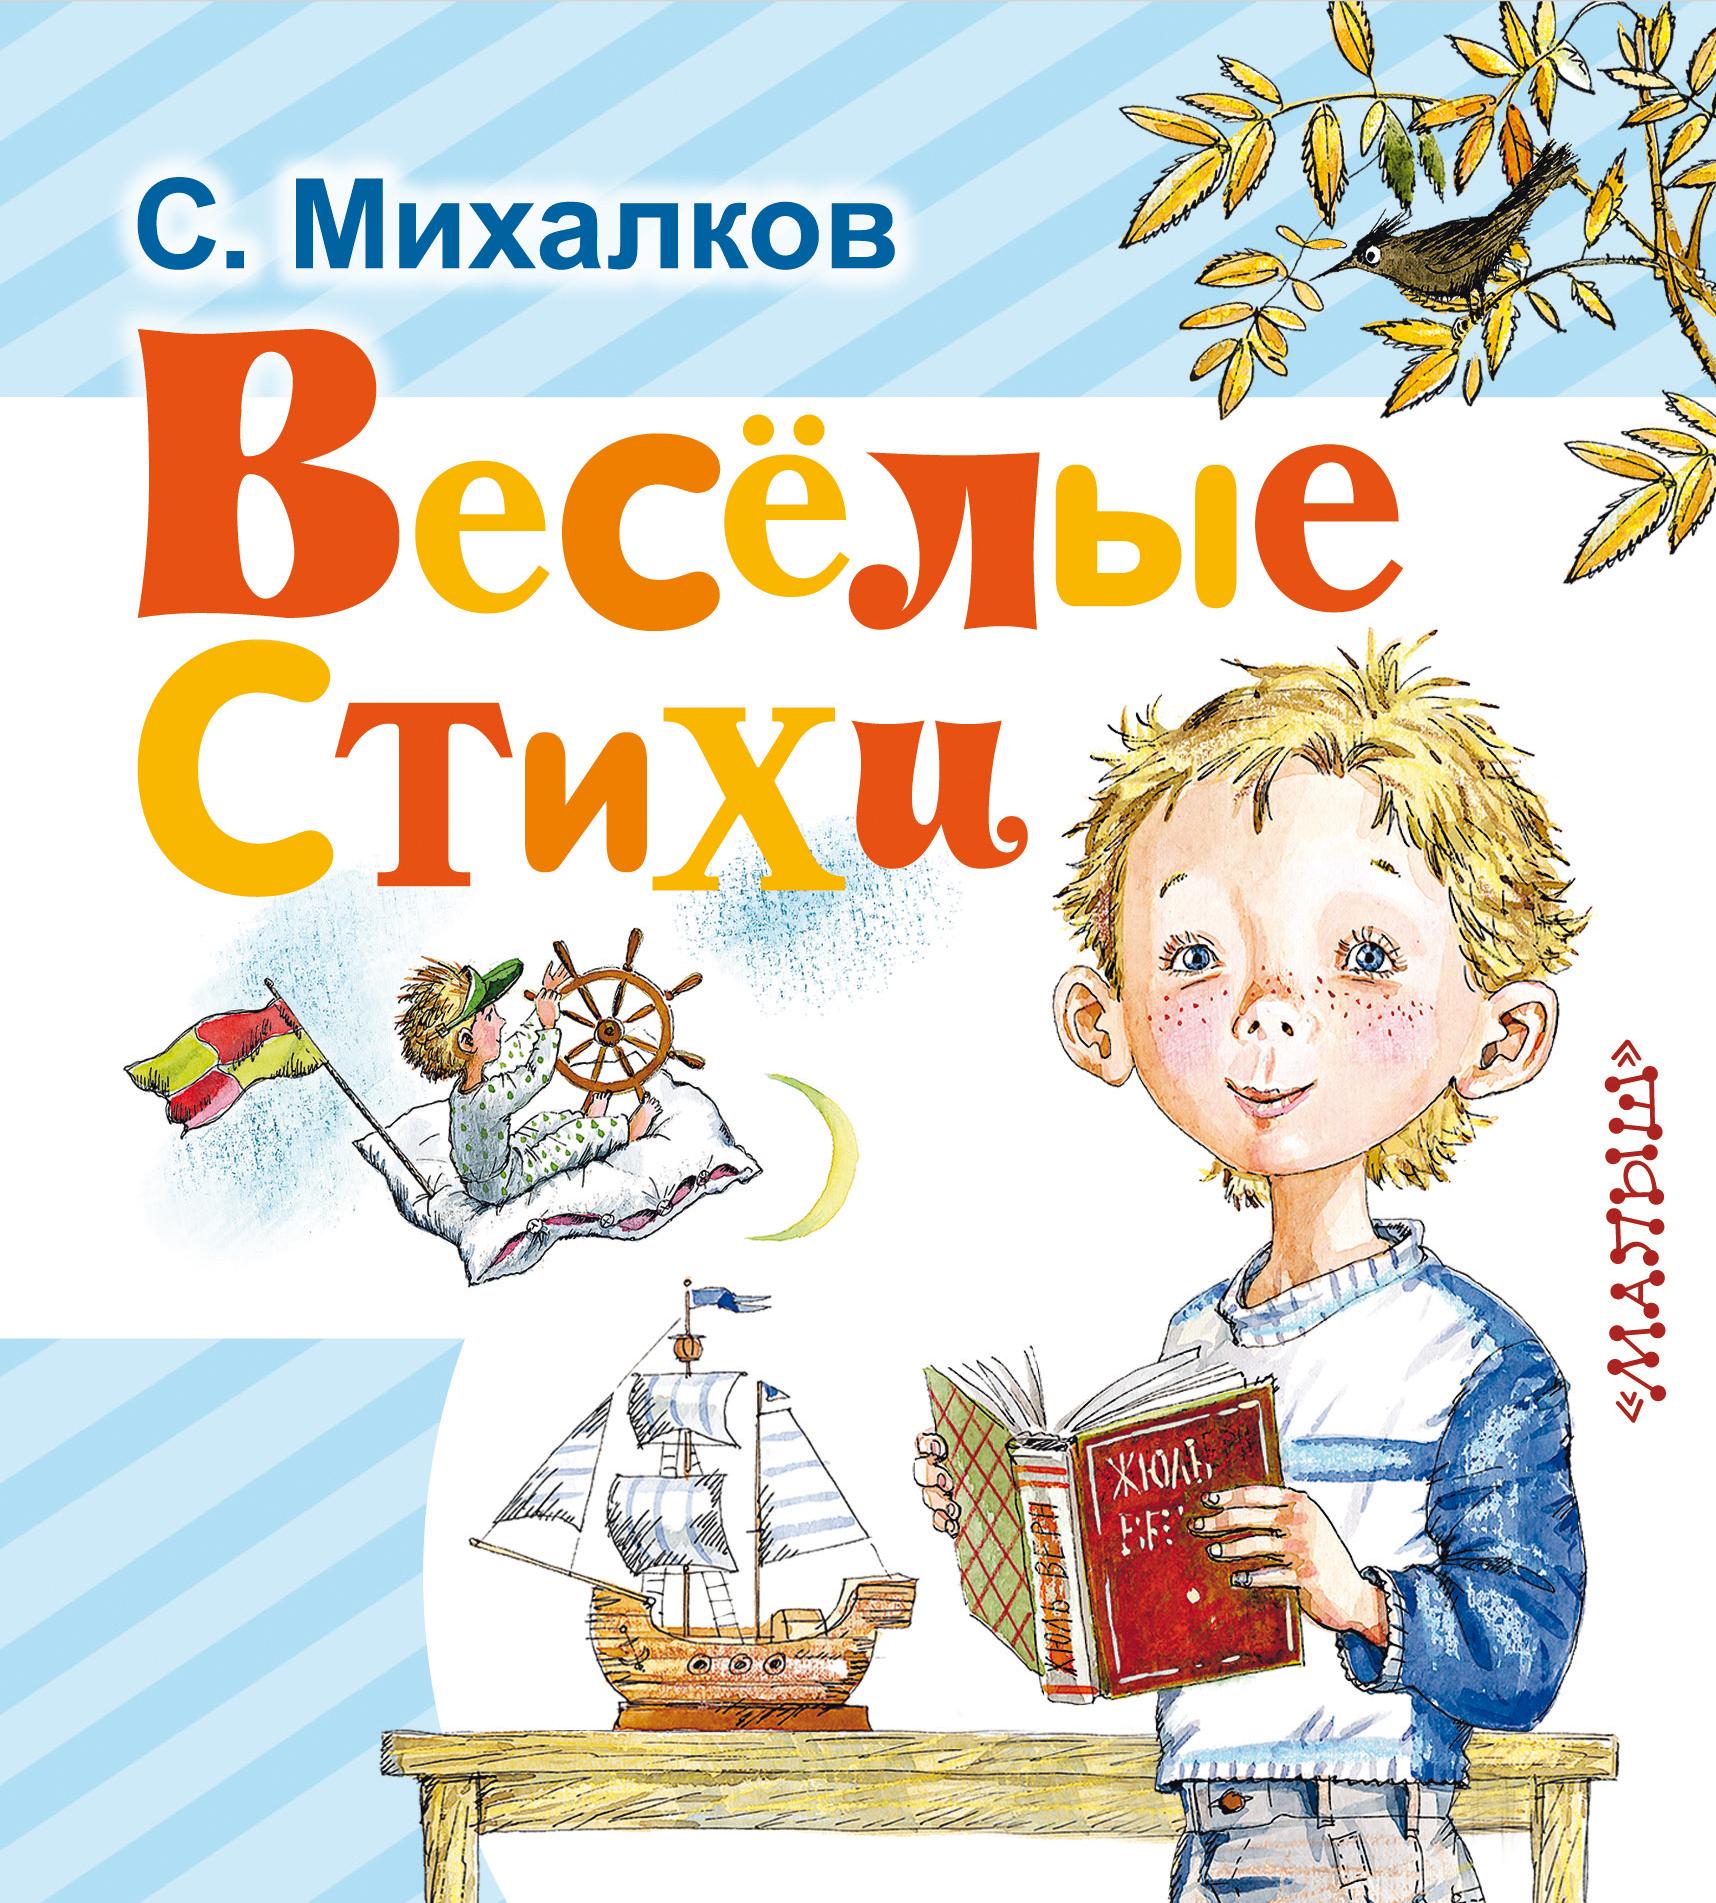 Михалков С.В. Весёлые стихи